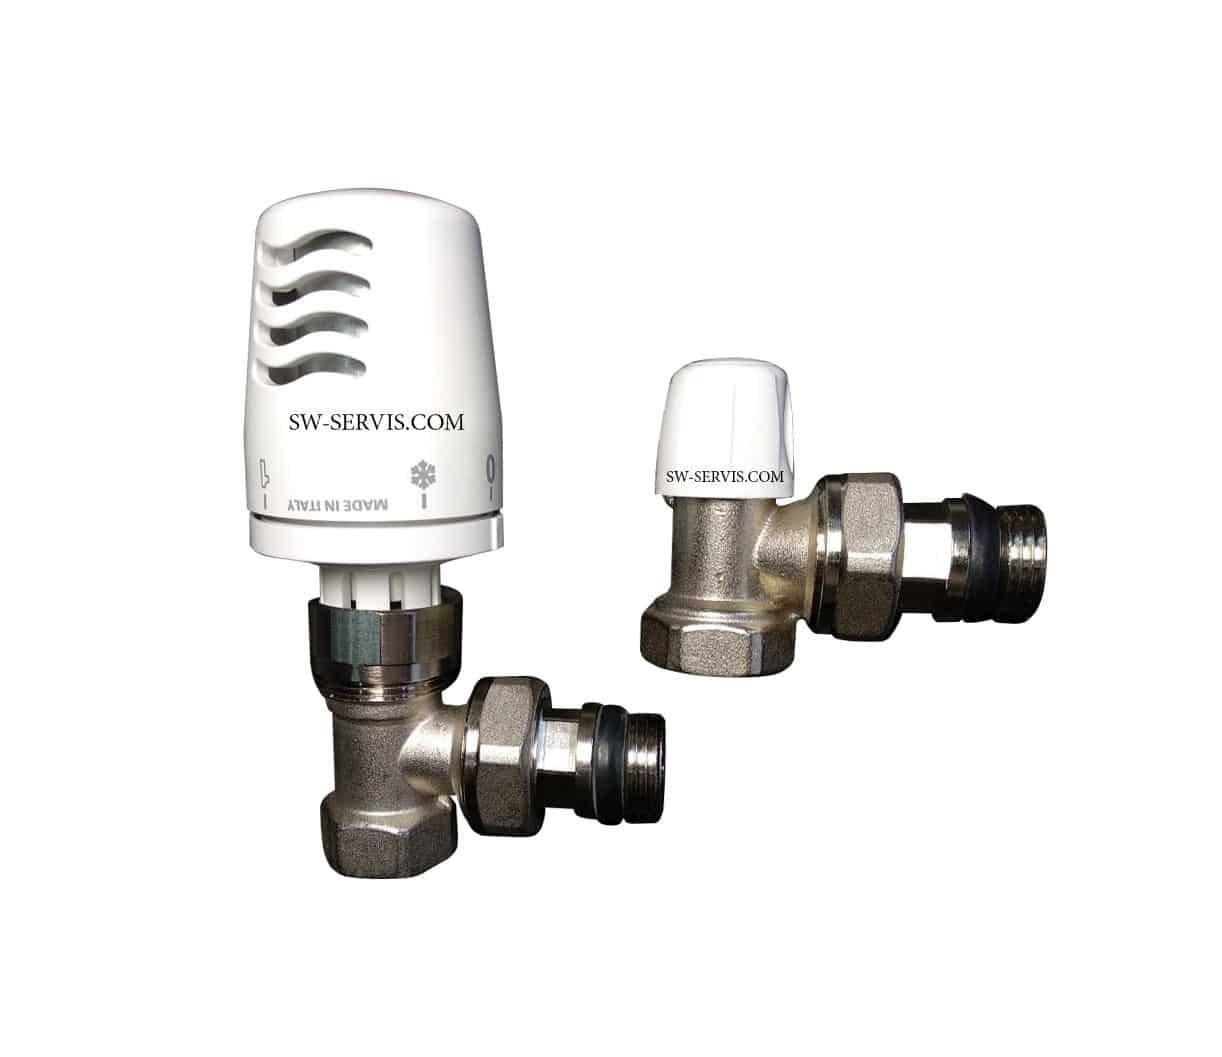 Терморегулятор для батарей отопления: механический и электрический, принцип работы, как выбрать терморегулятор для радиатора отопления с выносным датчиком